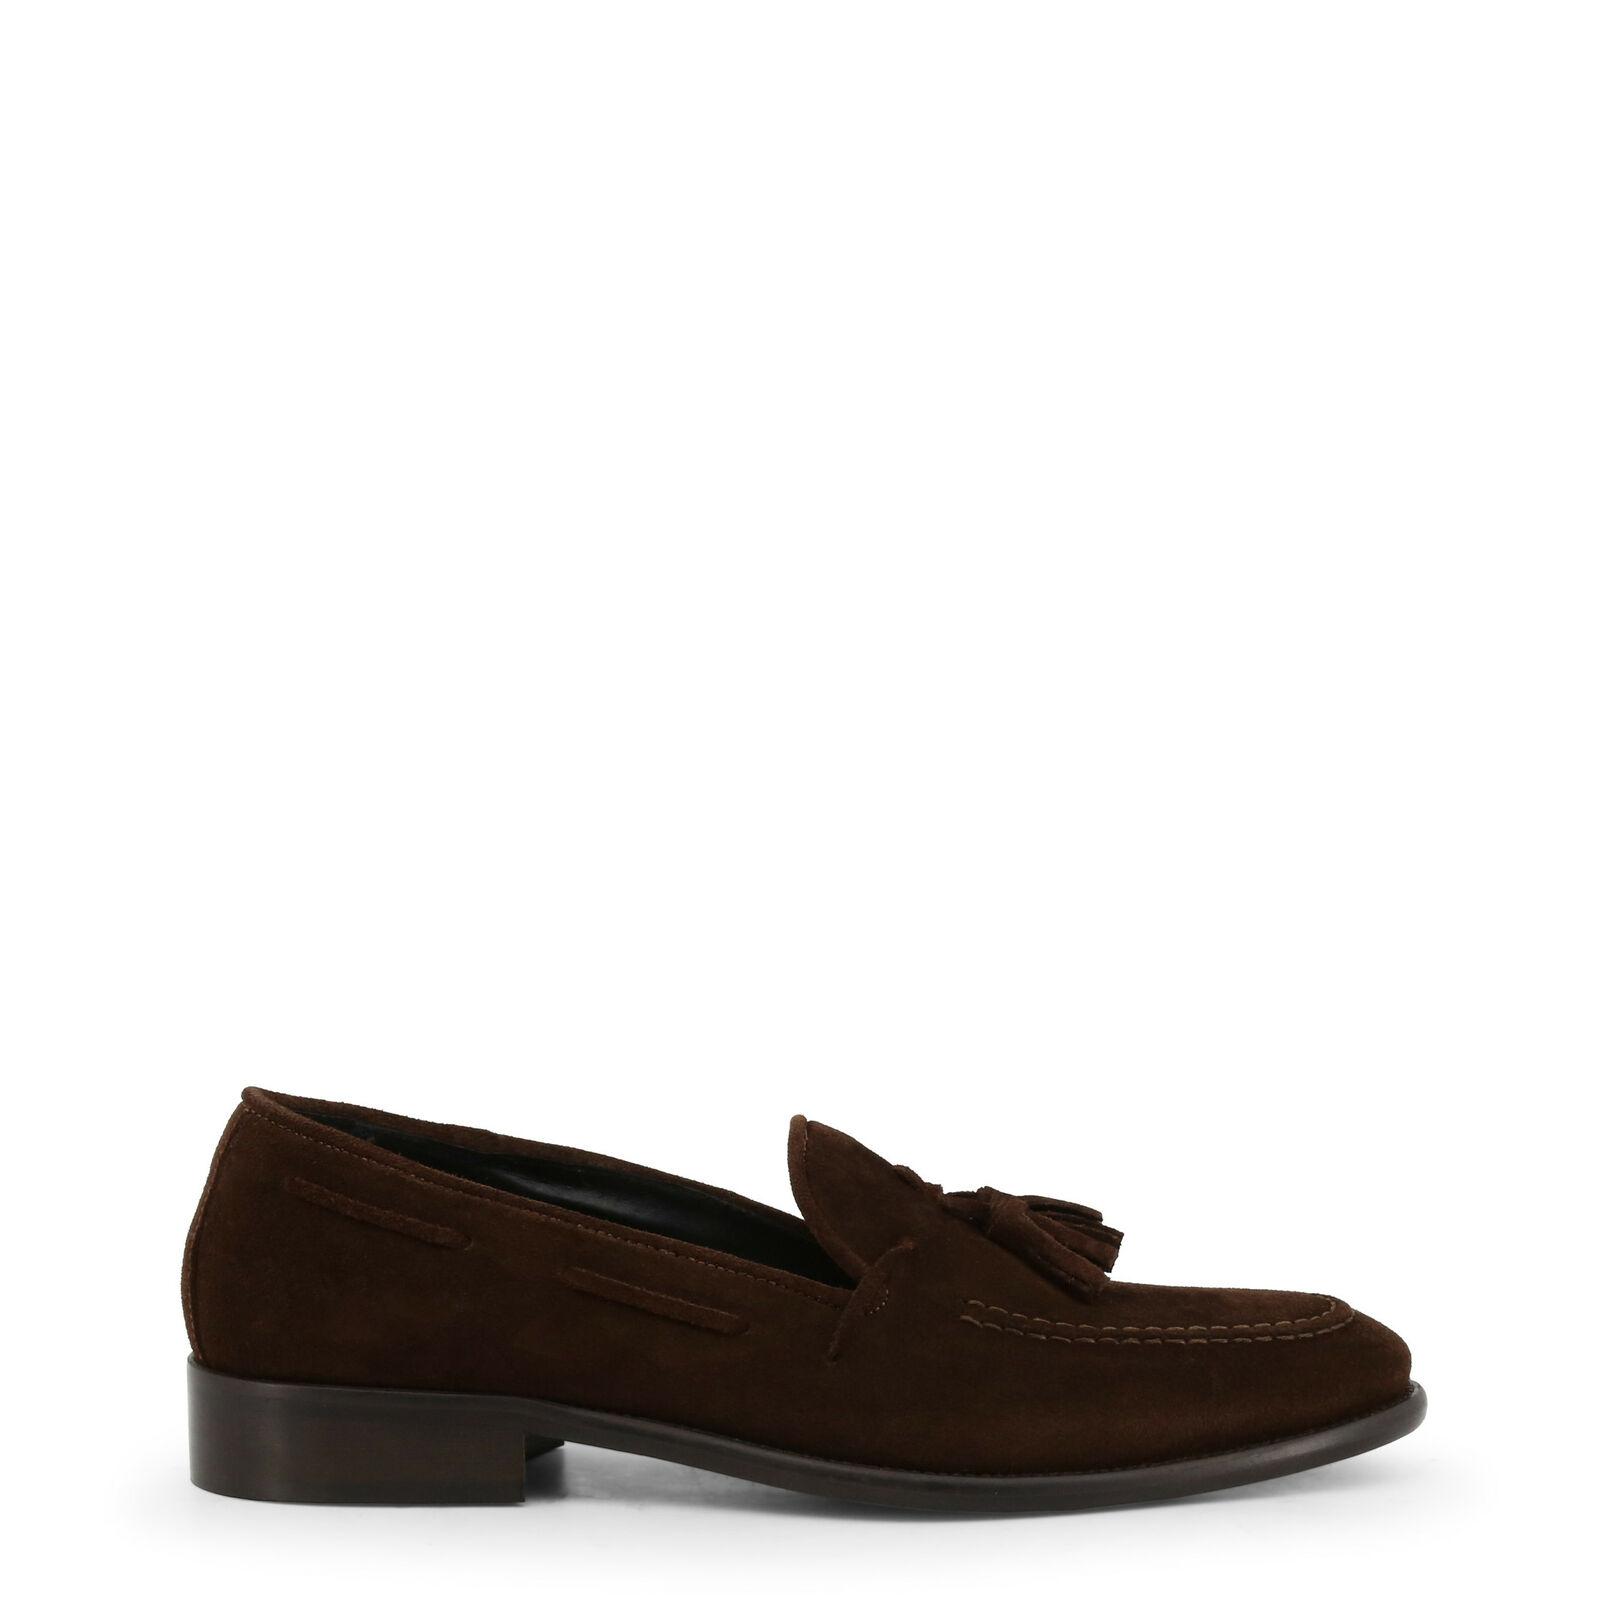 Made in Italia Herrenschuhe Mokassins Slipper Halbschuhe Herren Schuhe